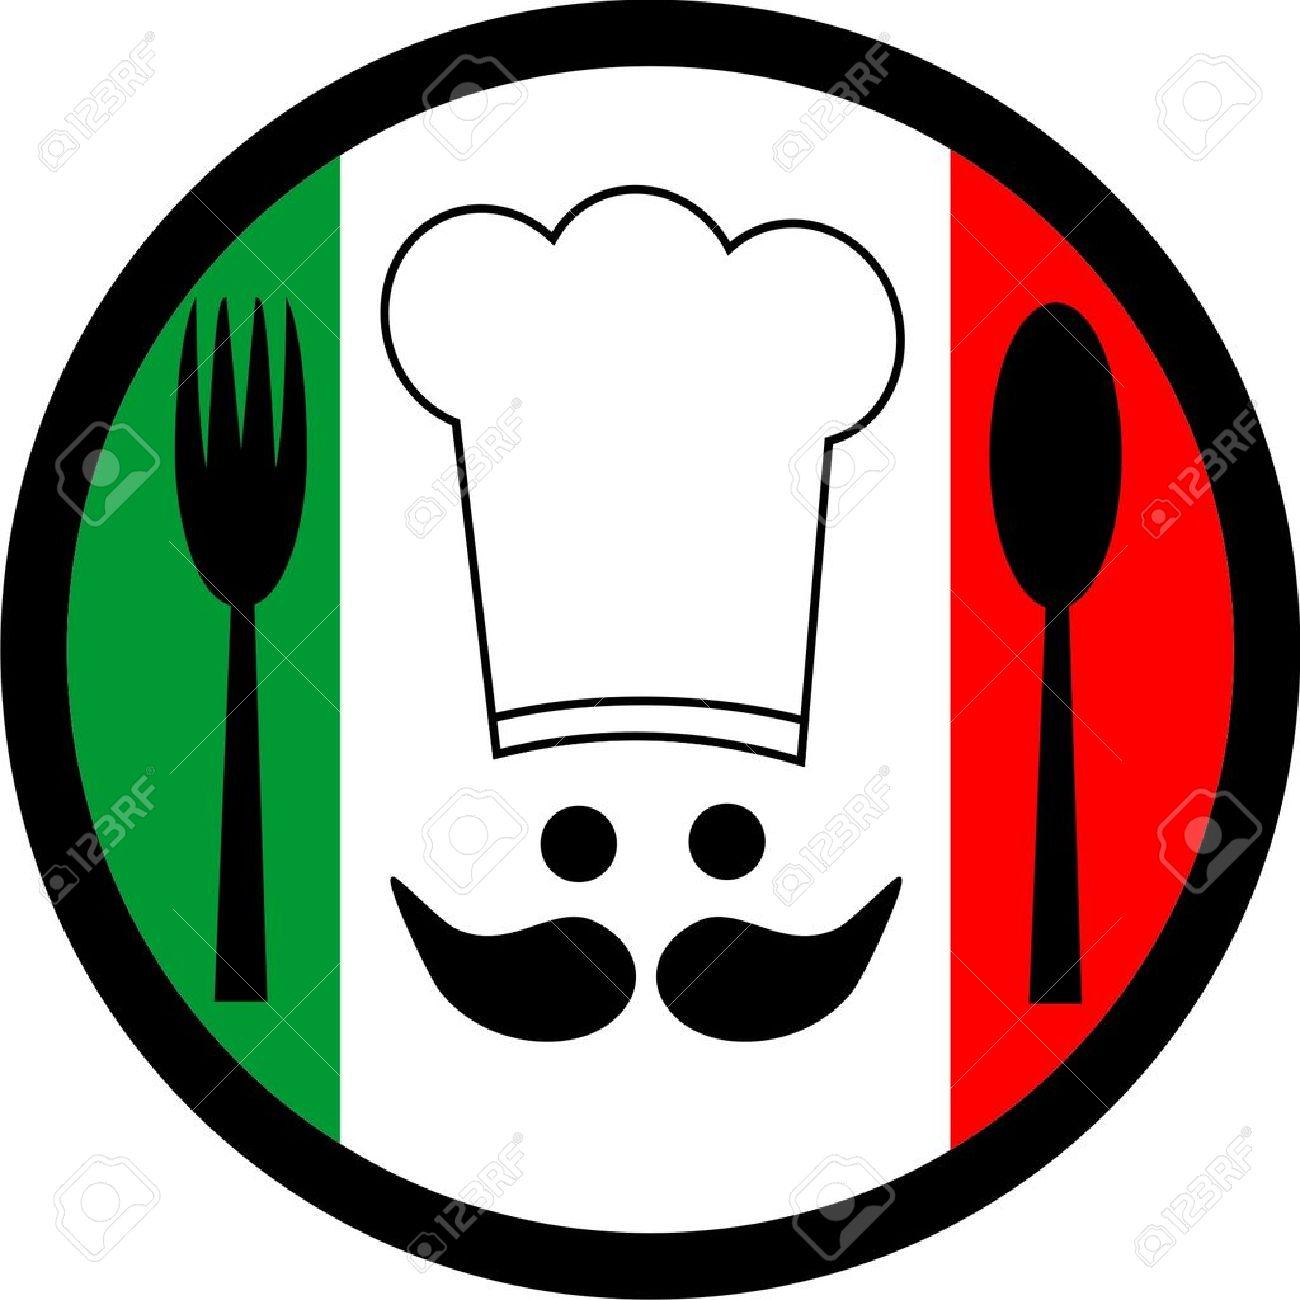 Italian Restaurant Logo With Flag: Italian Food Clipart